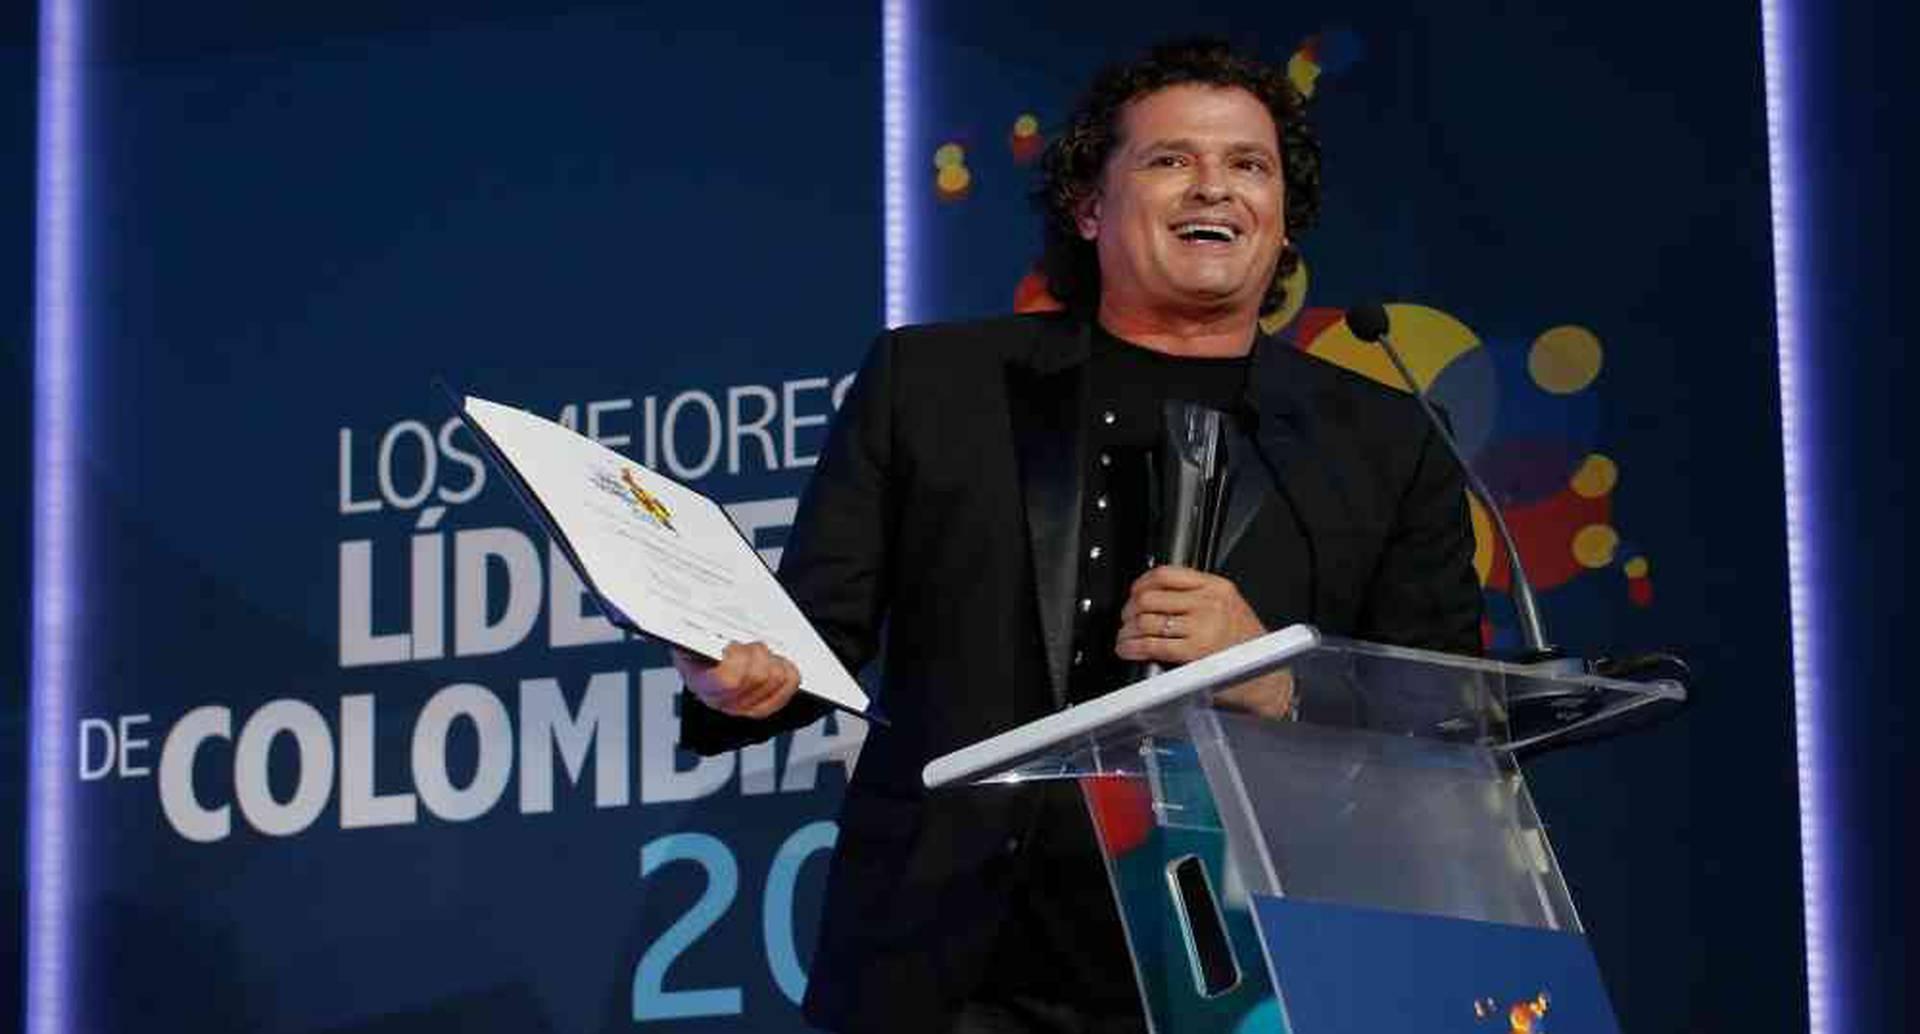 Carlos Vives fue uno de los diez ganadores del premio Los Mejores Líderes de Colombia 2018 que organizó SEMANA y Telefónica. Foto: Daniel Reina/Semana. Foto: Daniel Reina/Semana